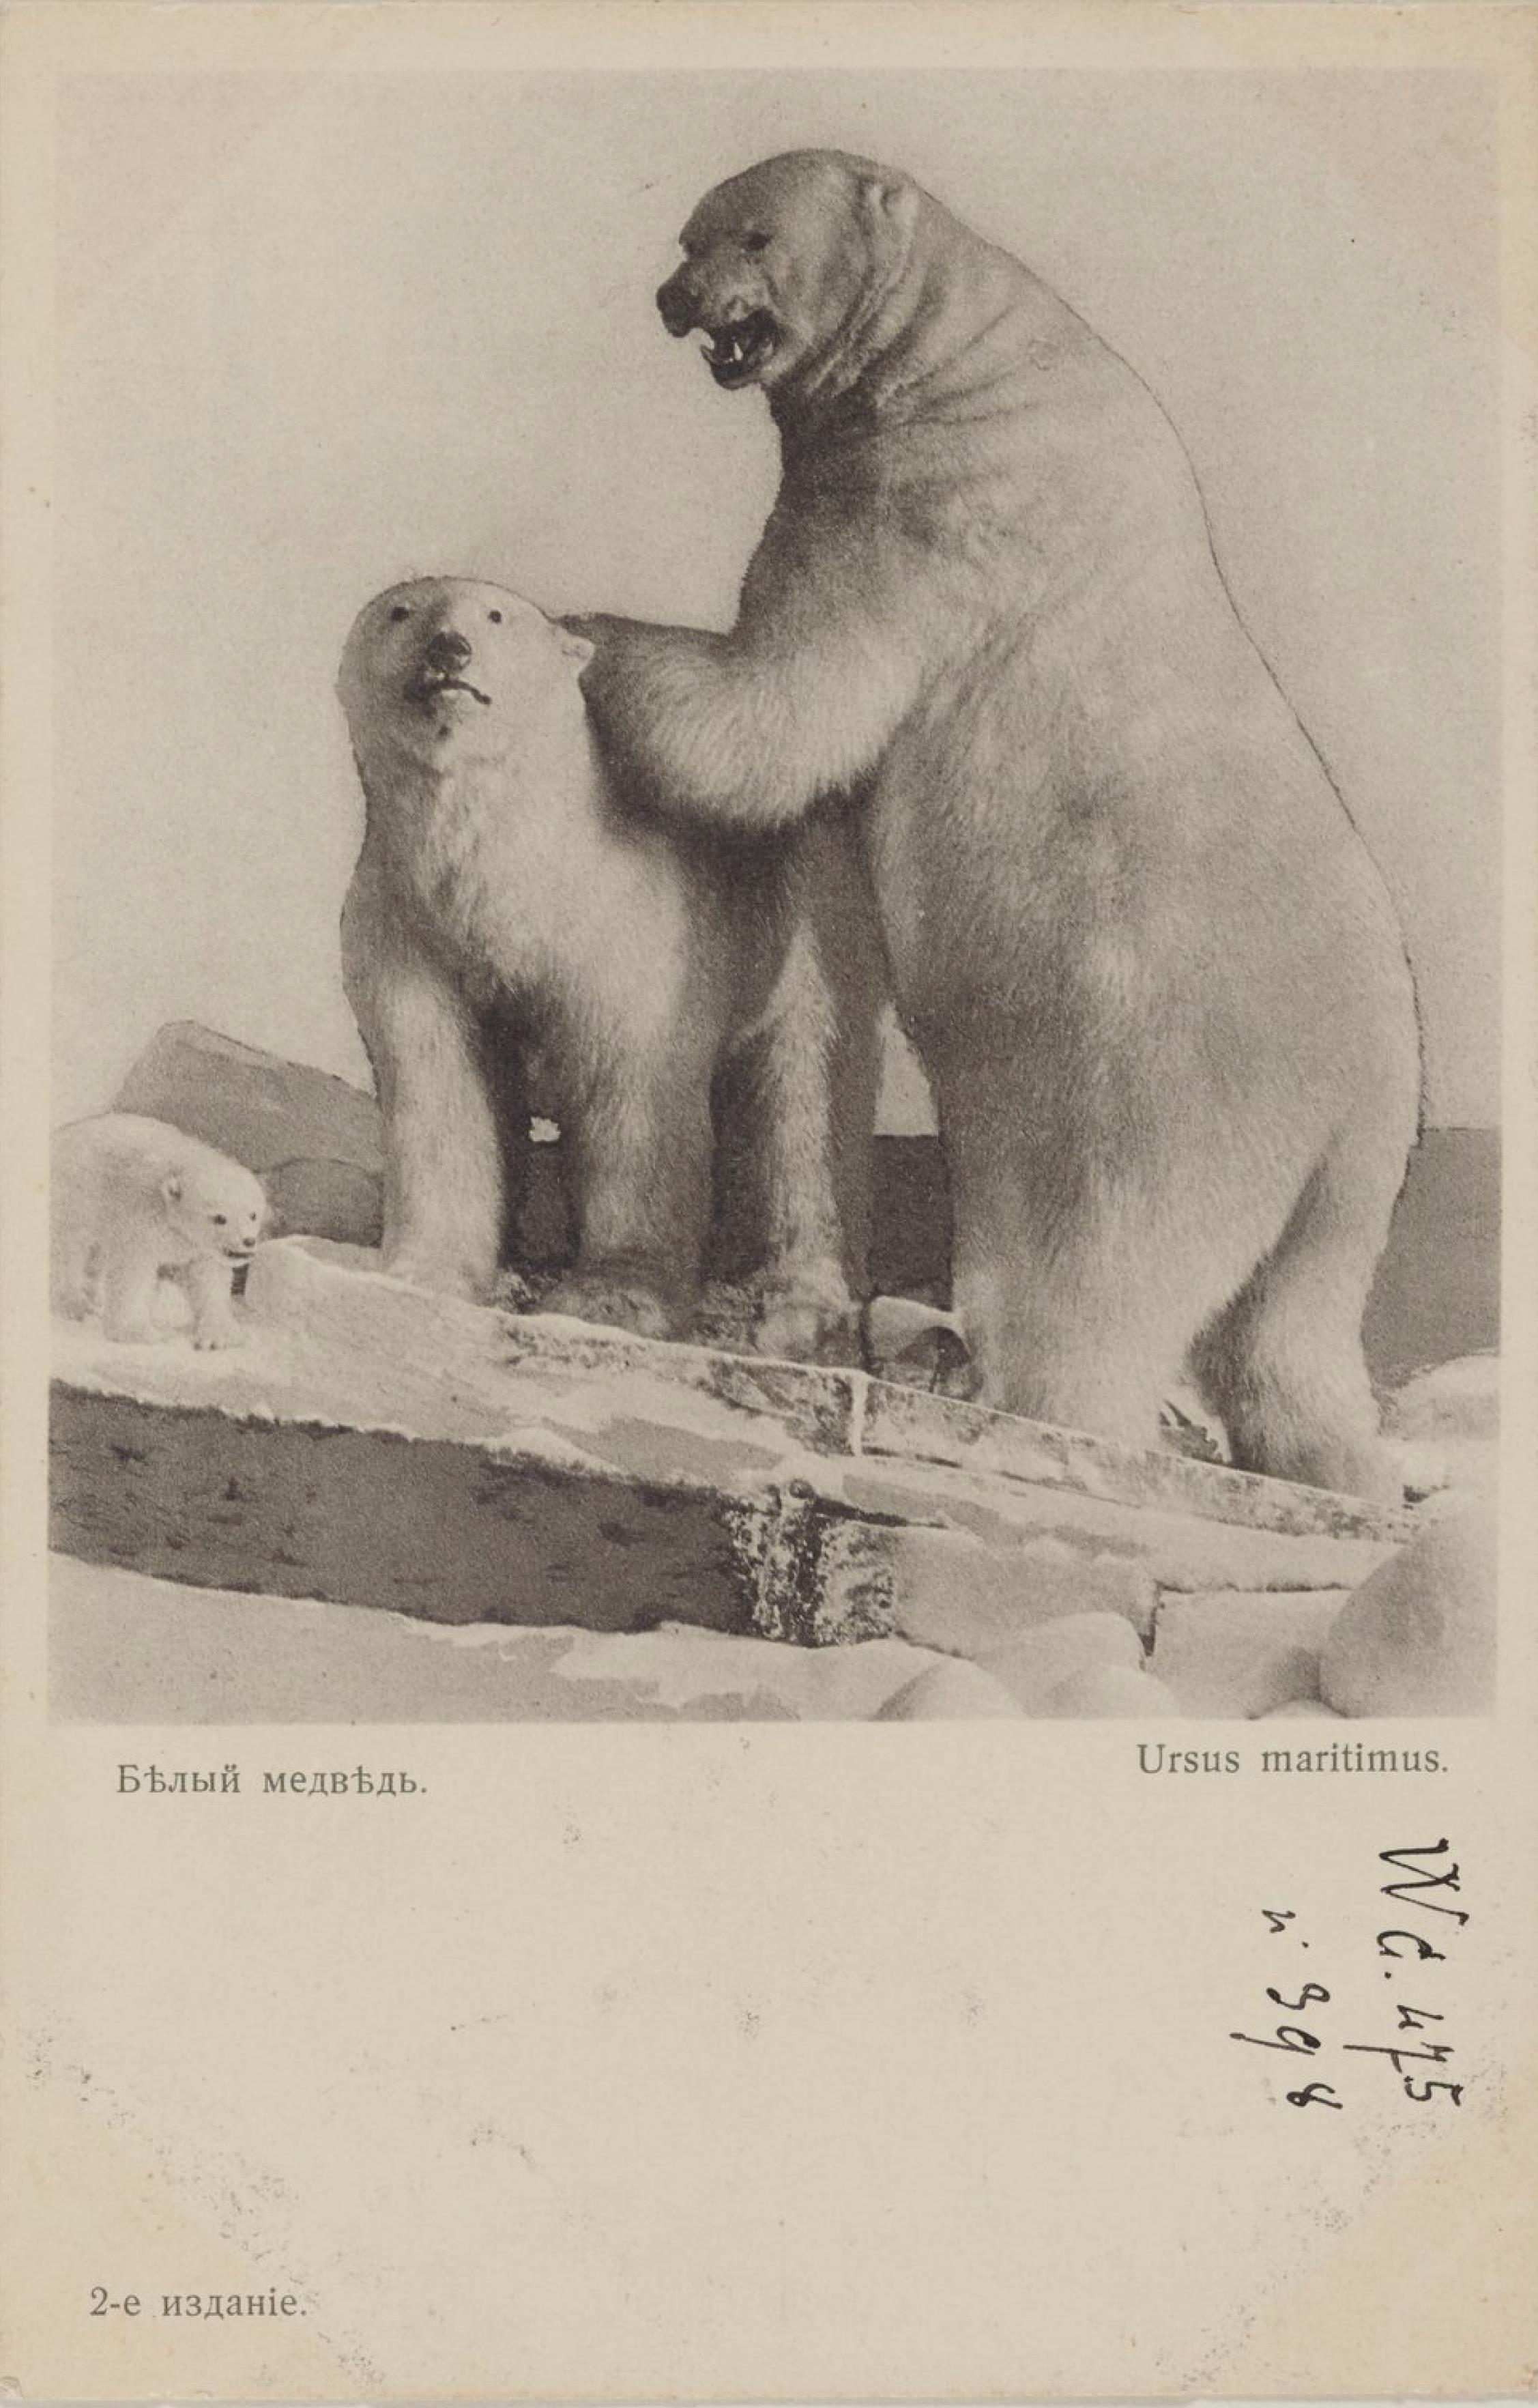 Академия Наук. Зоологический музей. Белый медведь